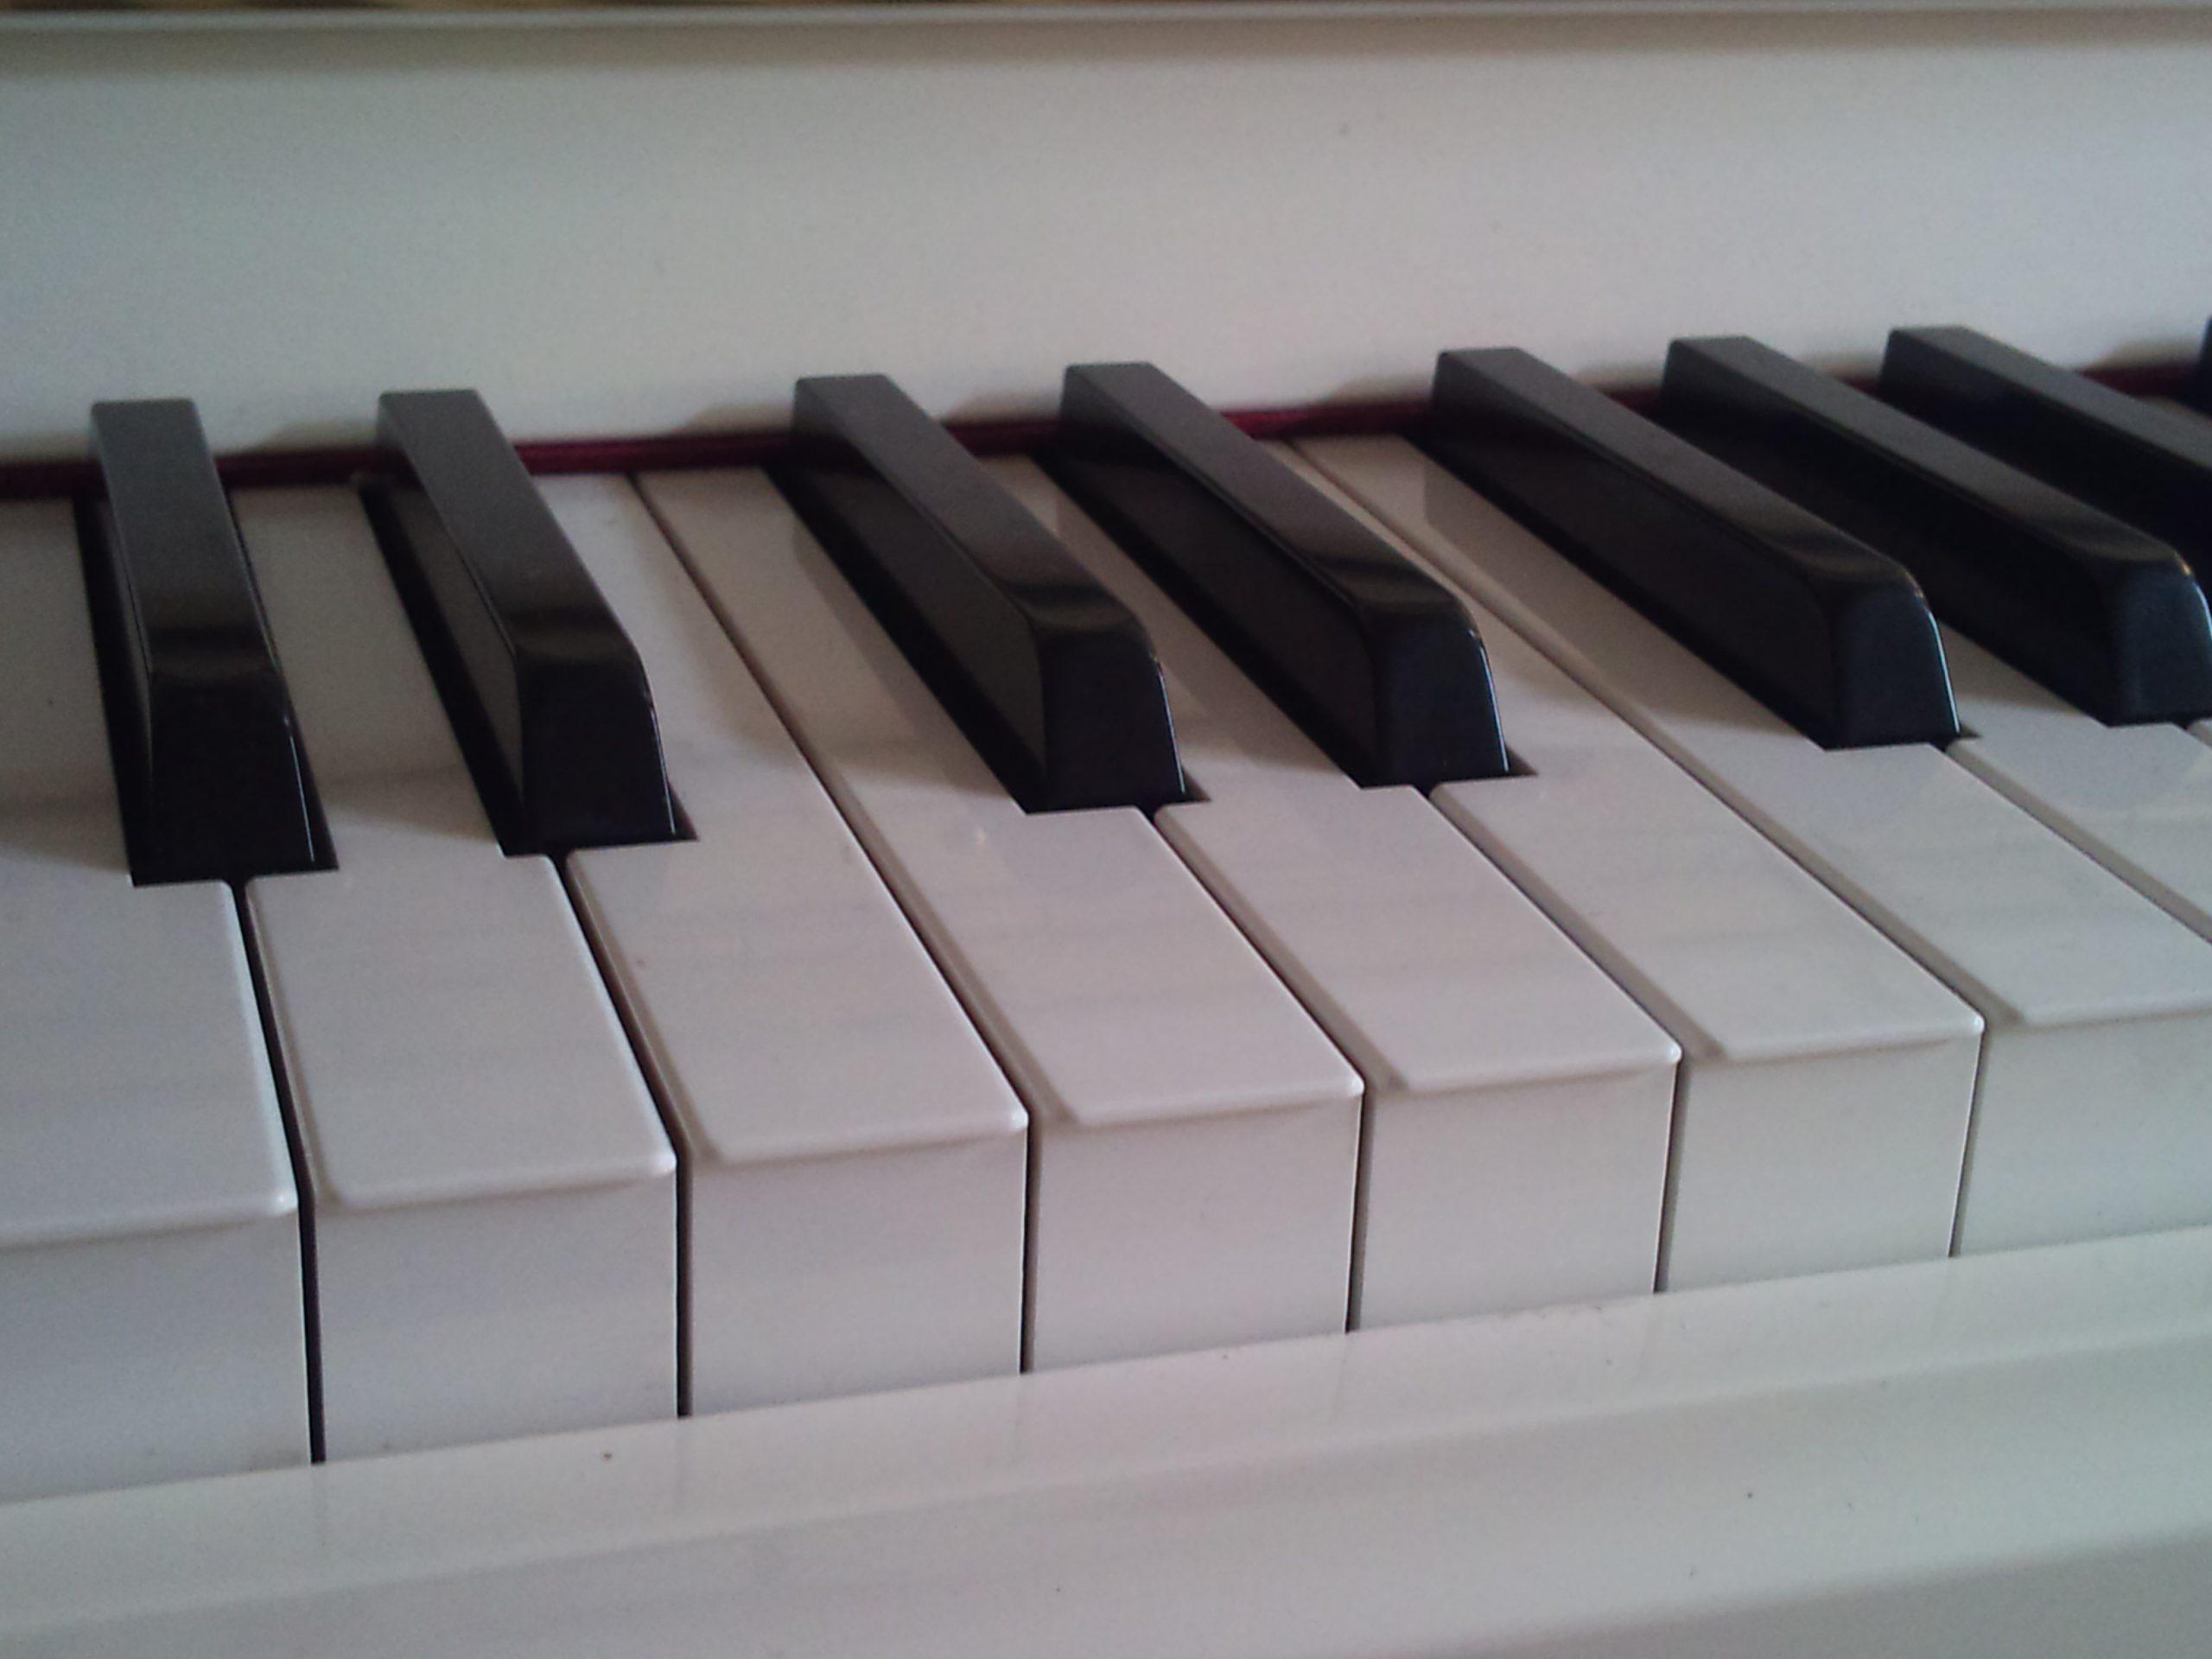 Toetsinstrumenten (piano)